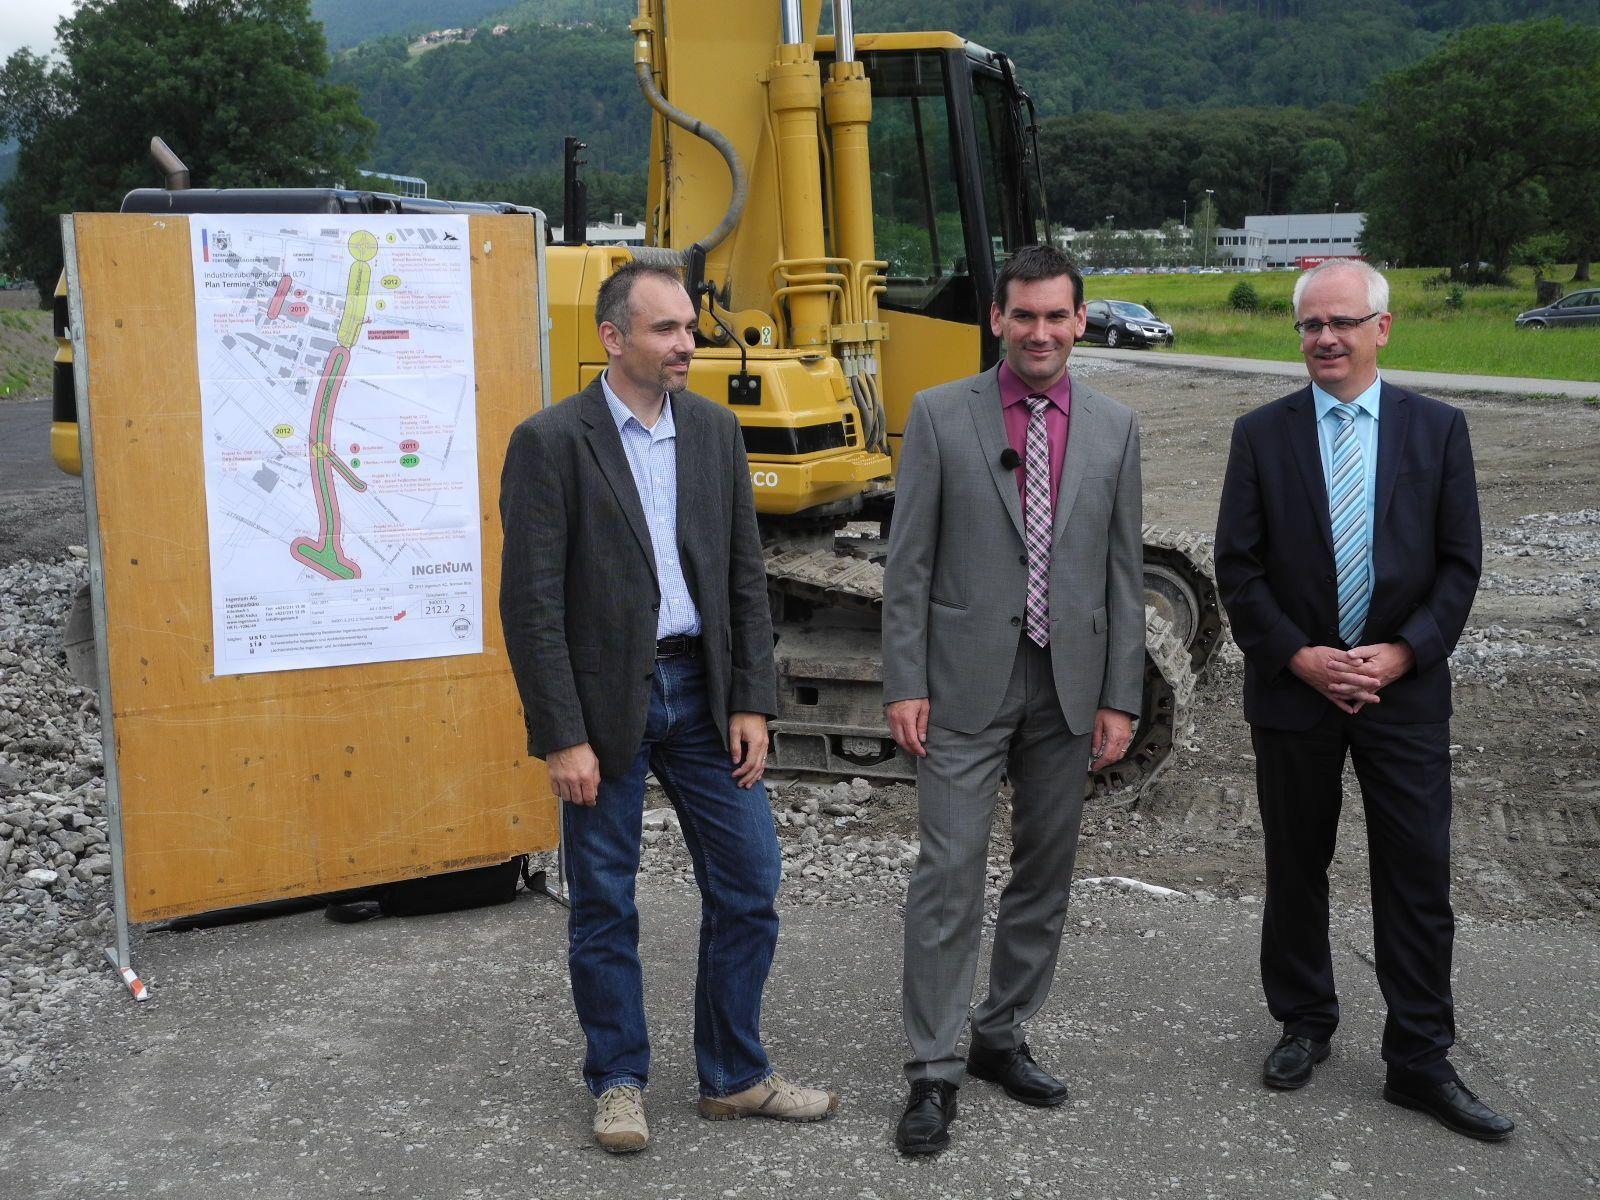 (l.) Markus Verlin vom Tiefbauamt, Regierungsrat Martin Meyer und Vorsteher Hilti beim Spatenstich